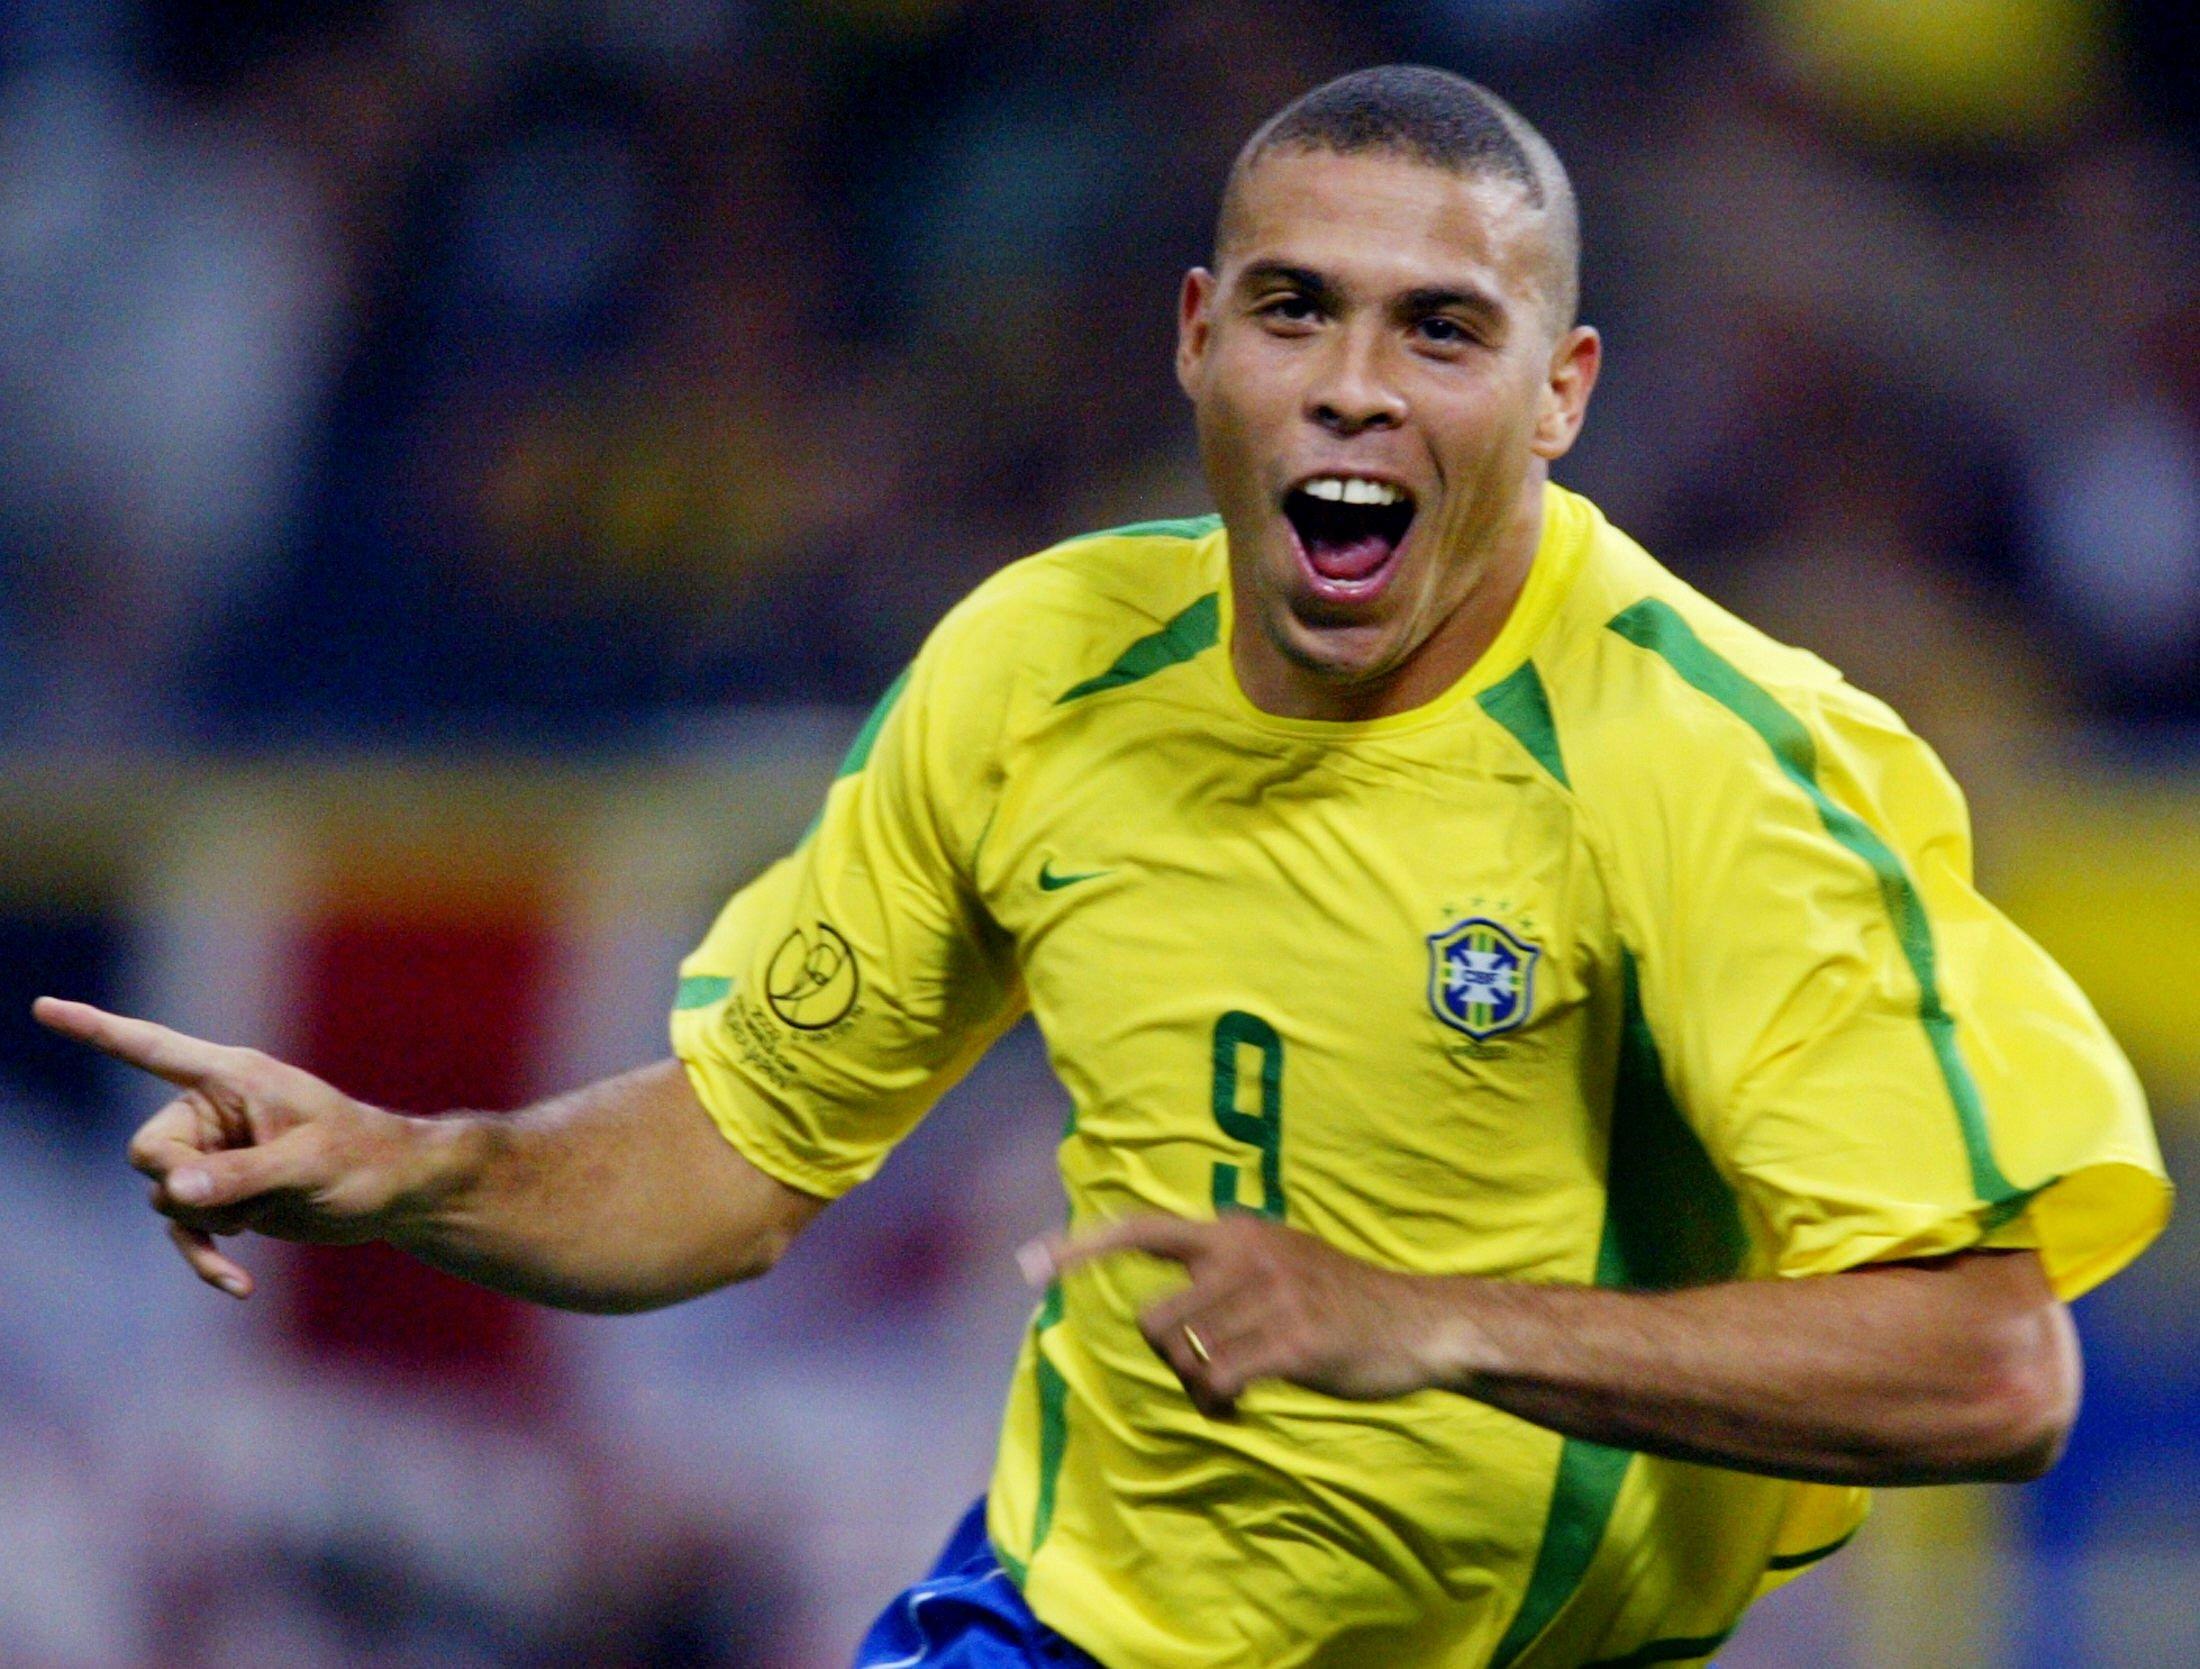 El exfutbolista brasileño Ronaldo se mantiene en la polémica por un comentario que lanzó en pleno Súper Tazón 53 (Foto Prensa Libre: Hemeroteca PL)